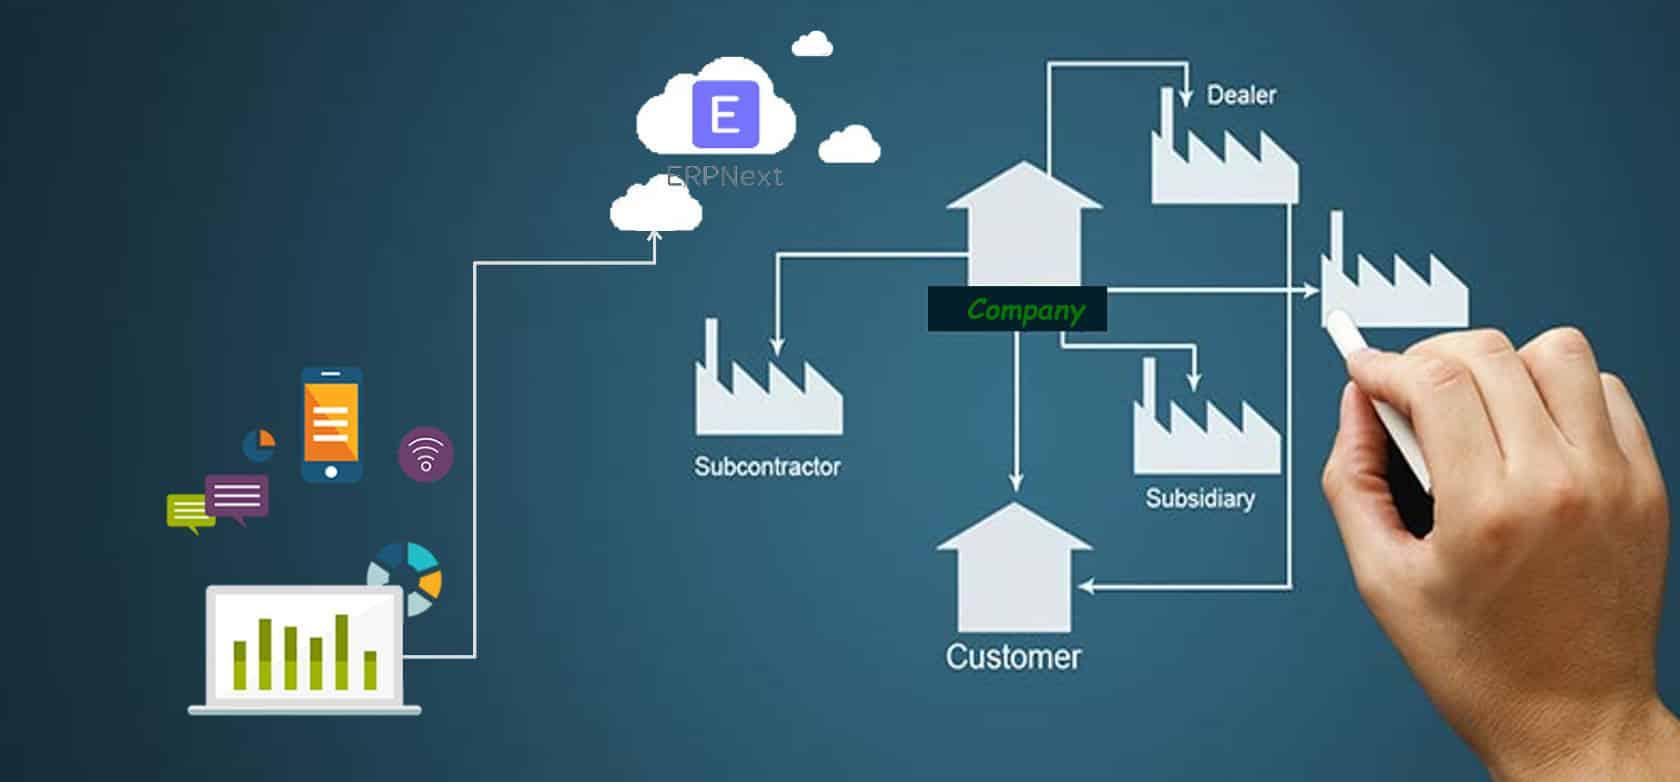 erpnext ERP_Cloud ERP_accounting solution